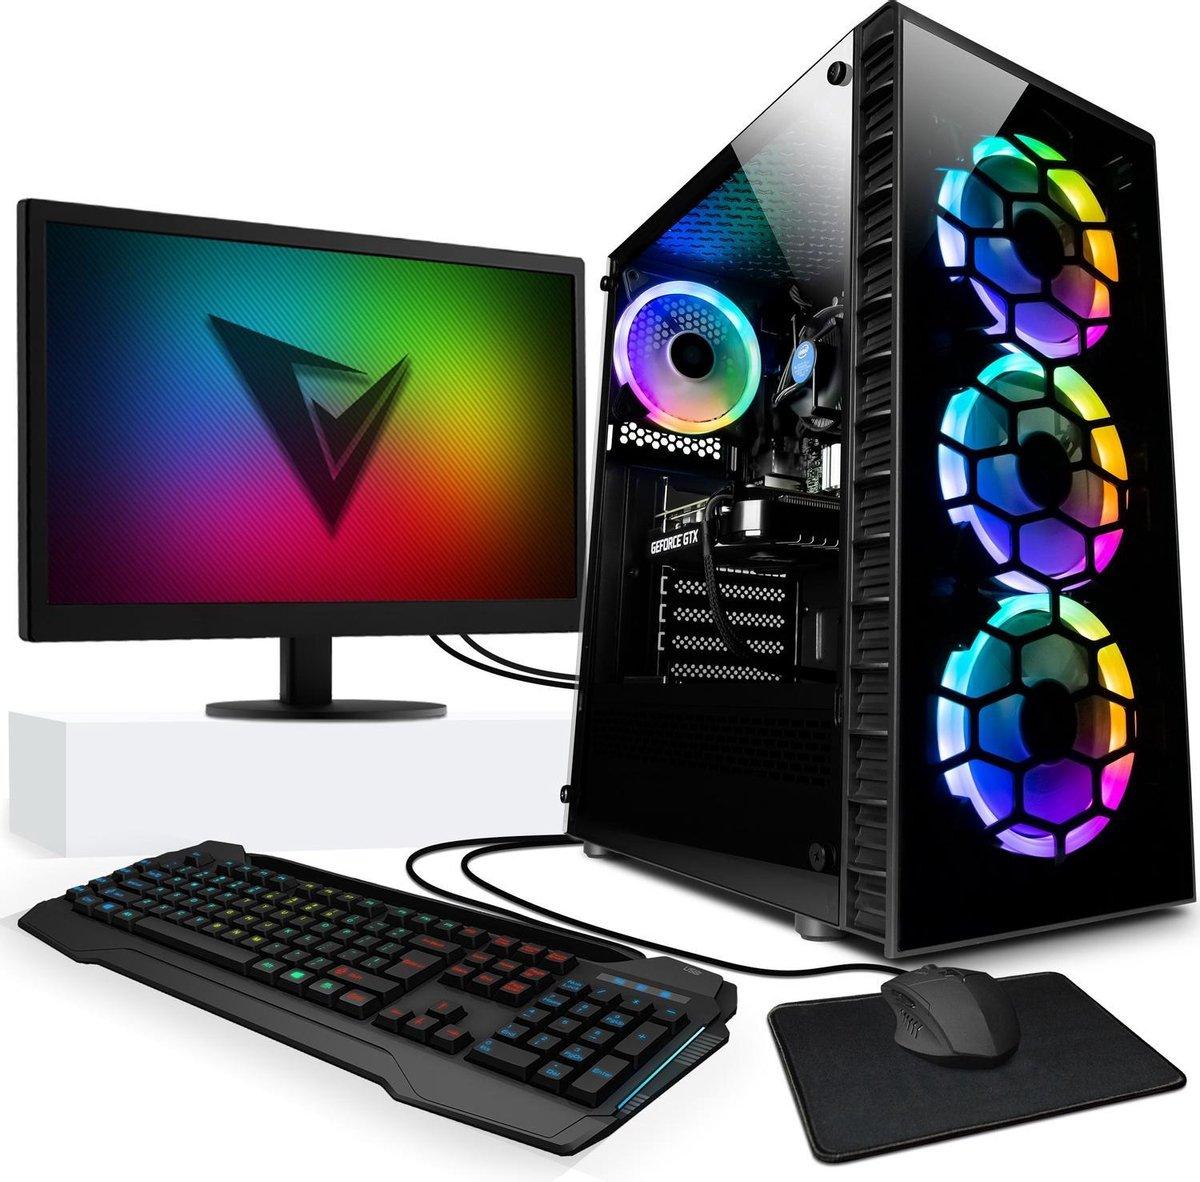 Vibox Gaming Desktop 4-6 – Game PC